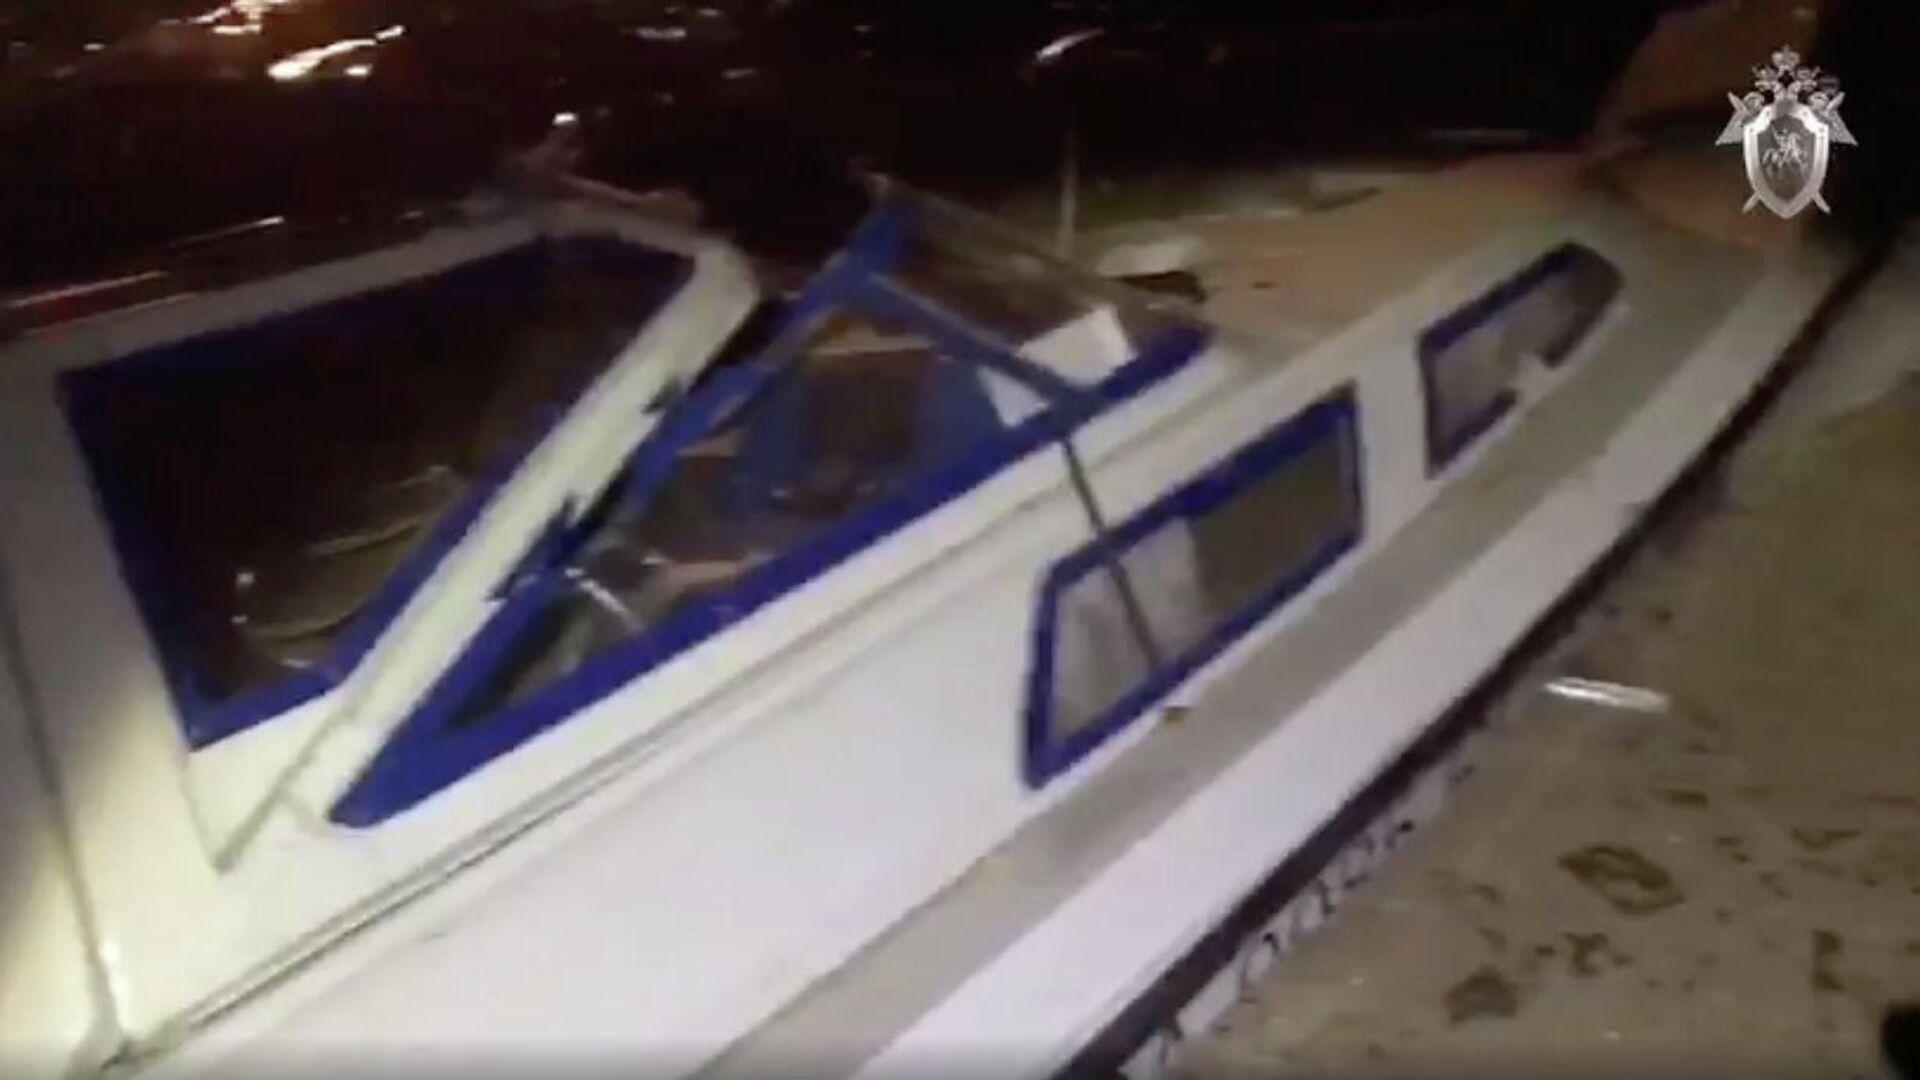 Поврежденный катер в результате столкновения с баржей на реке Черной в районе Сургута - РИА Новости, 1920, 09.09.2020